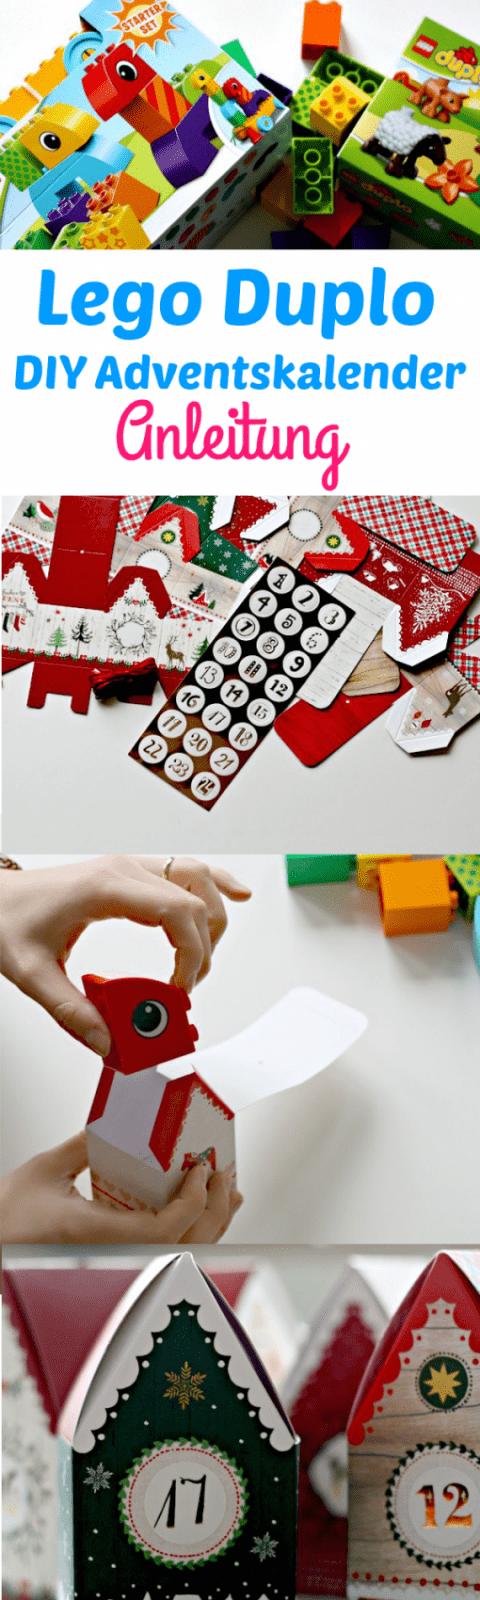 Lego Duplo Adventskalender  Anleitung Und Ideen  Adventskalender von Baby Adventskalender Selber Machen Photo